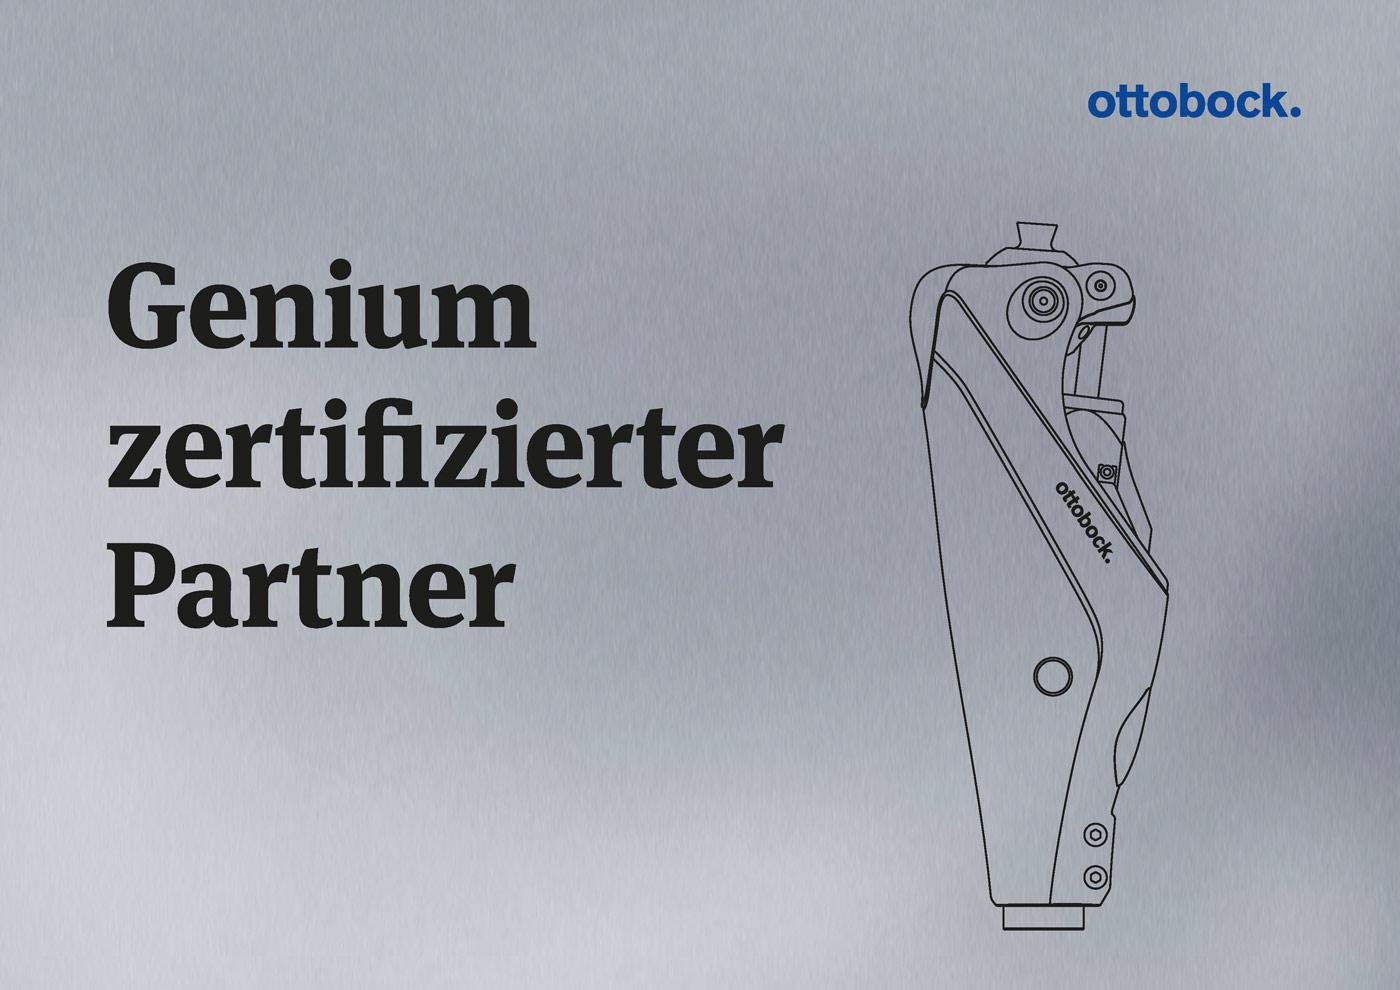 Zertifikat Ottobock Genium